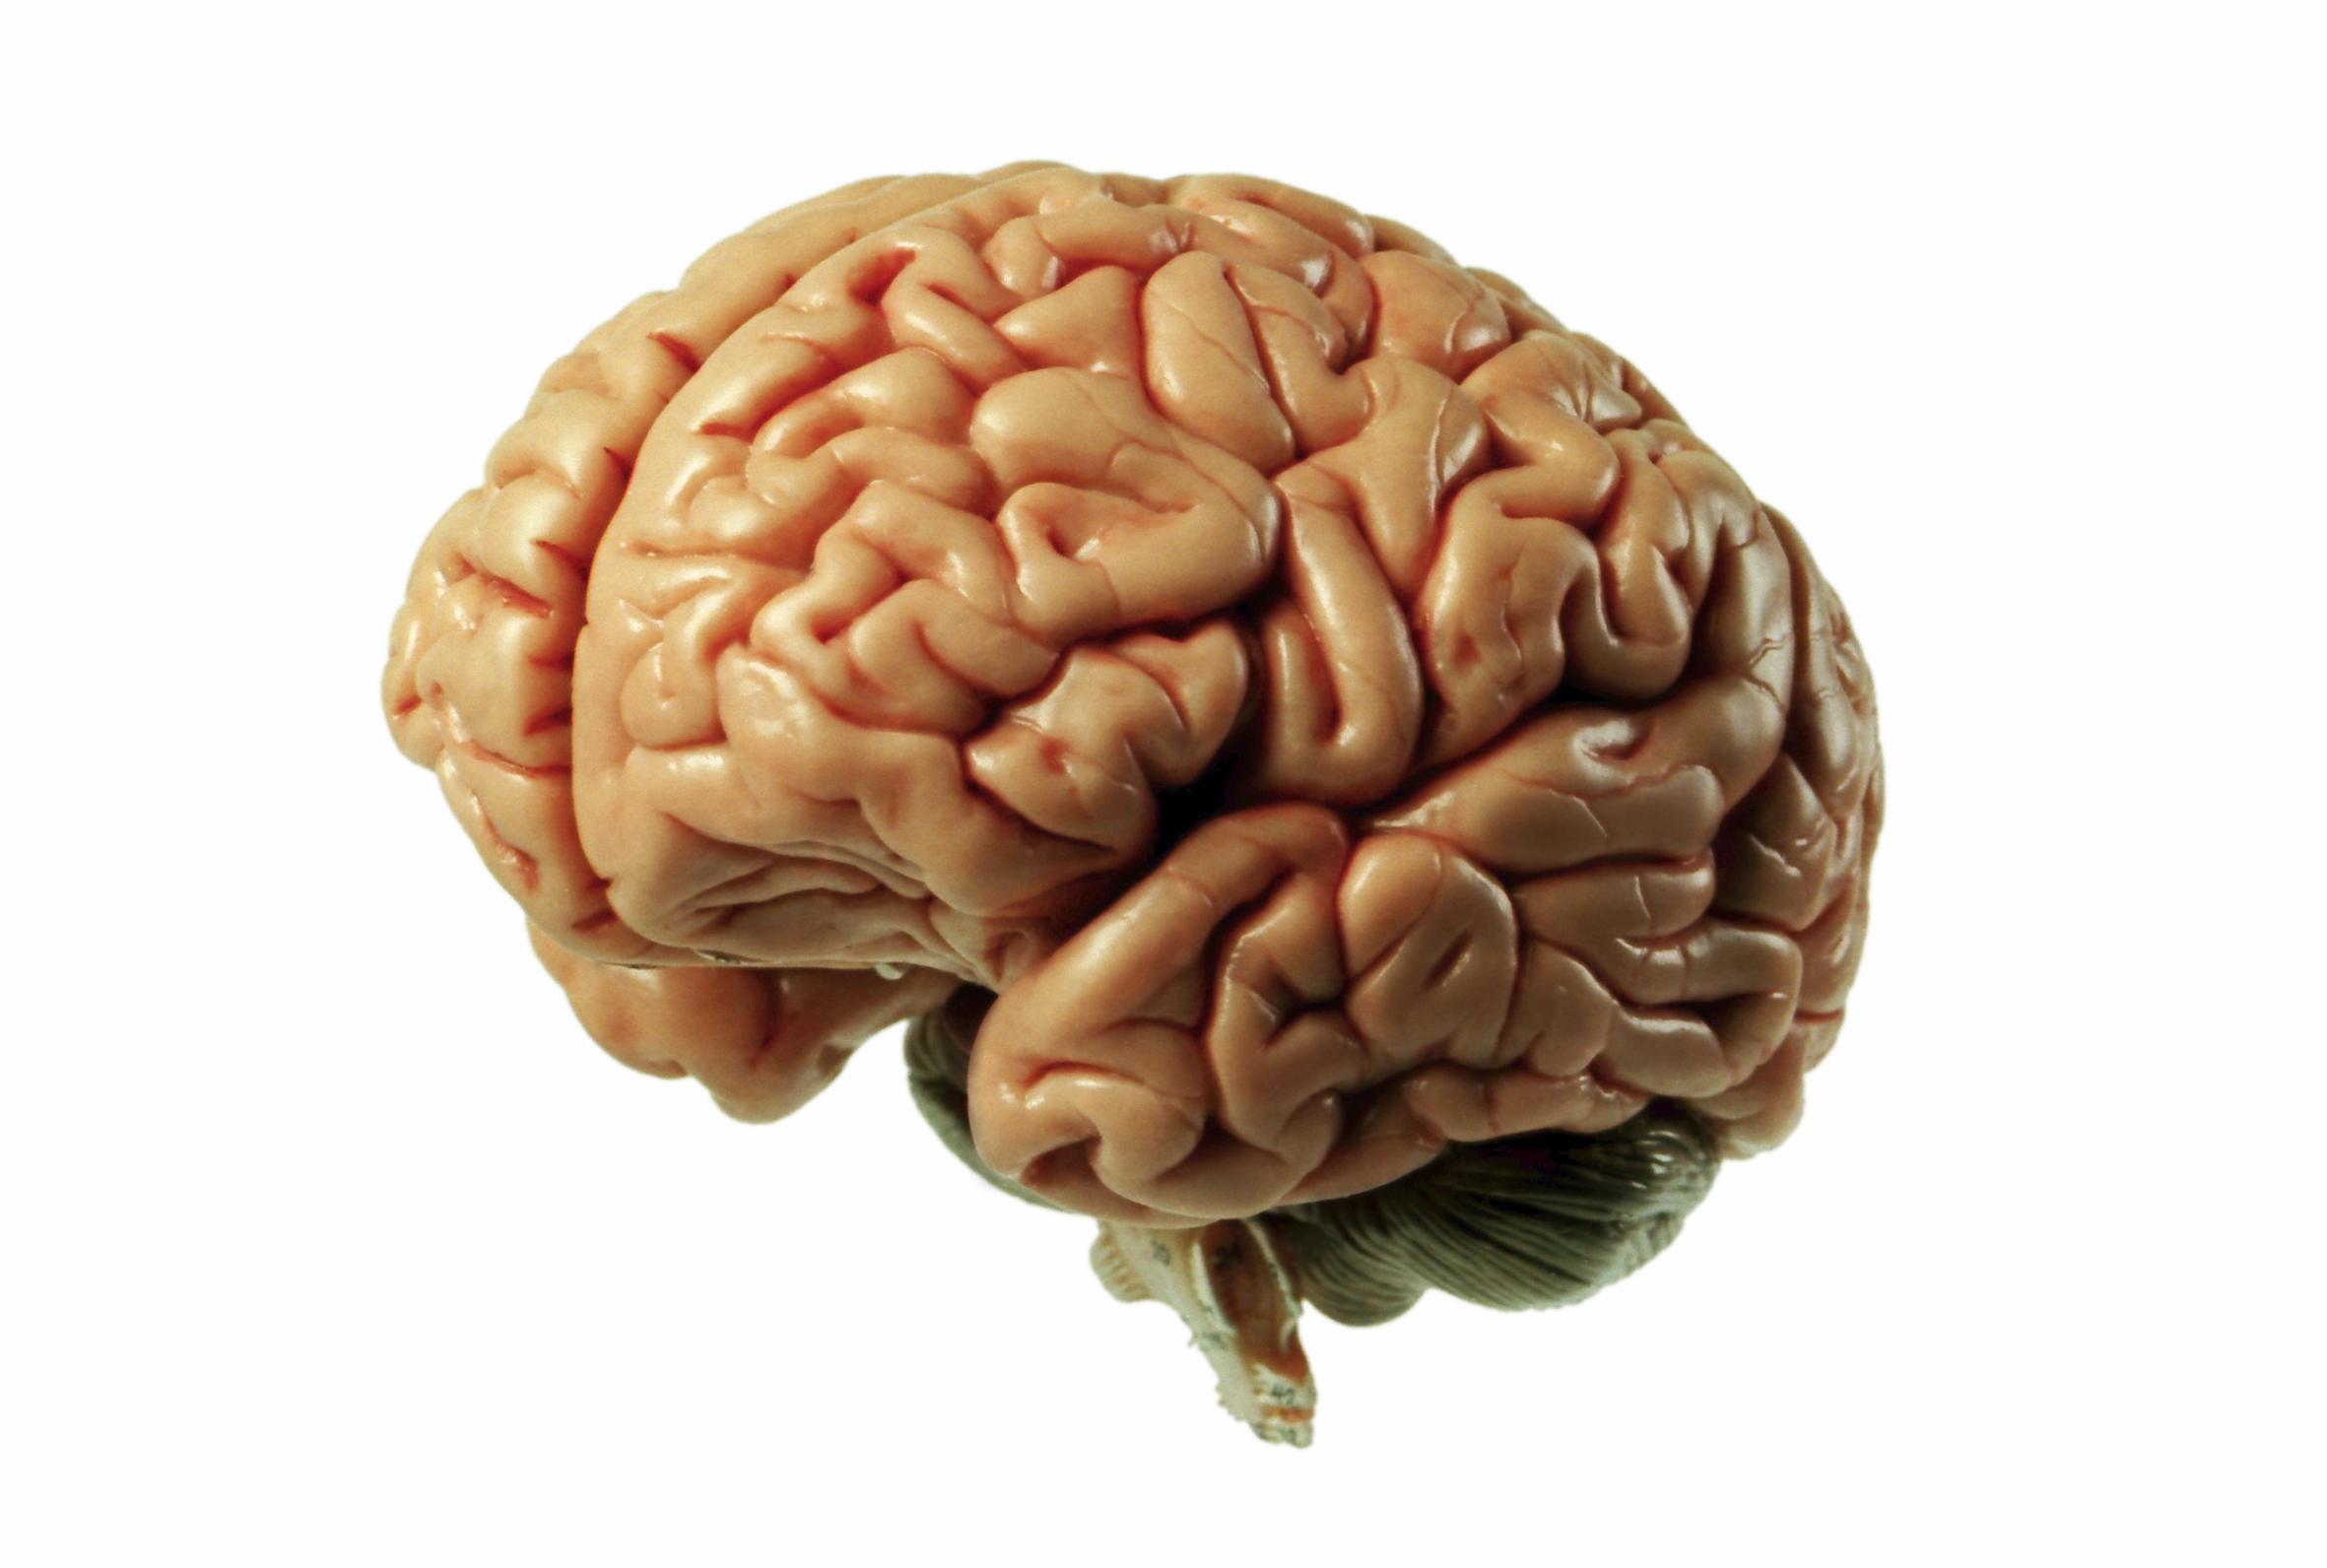 [Jeu] Association d'images - Page 12 Cerveau-humain